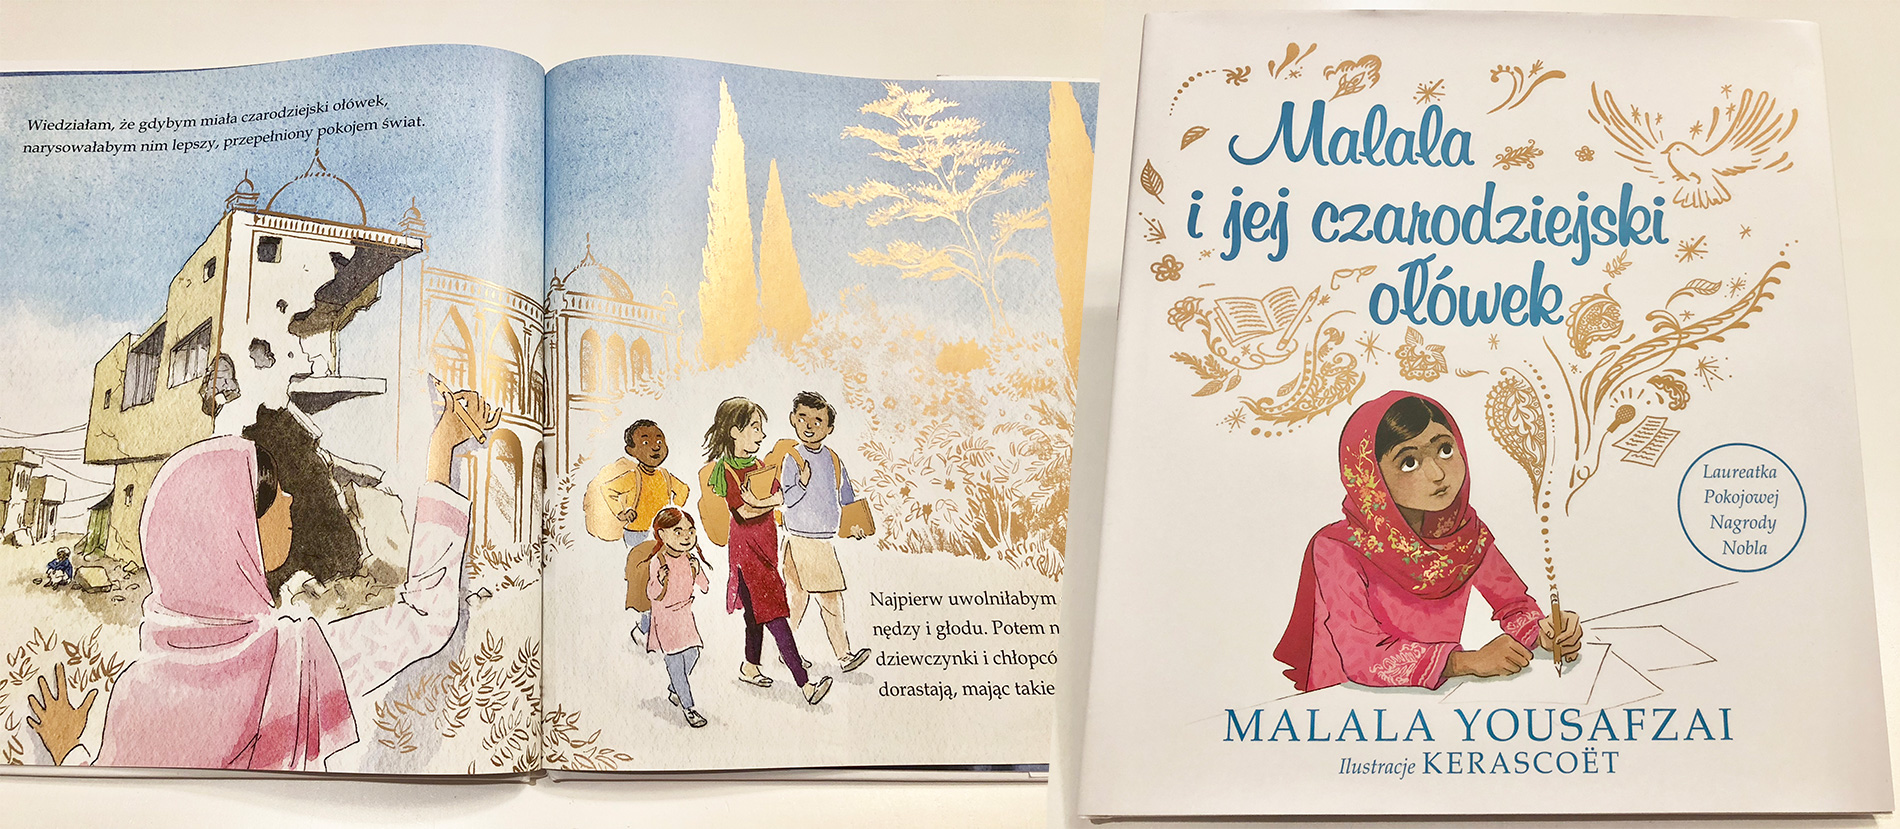 Malala i jej czarodziejski ołówek - wydawnictwo Tekturka - cena 34,99 PLN